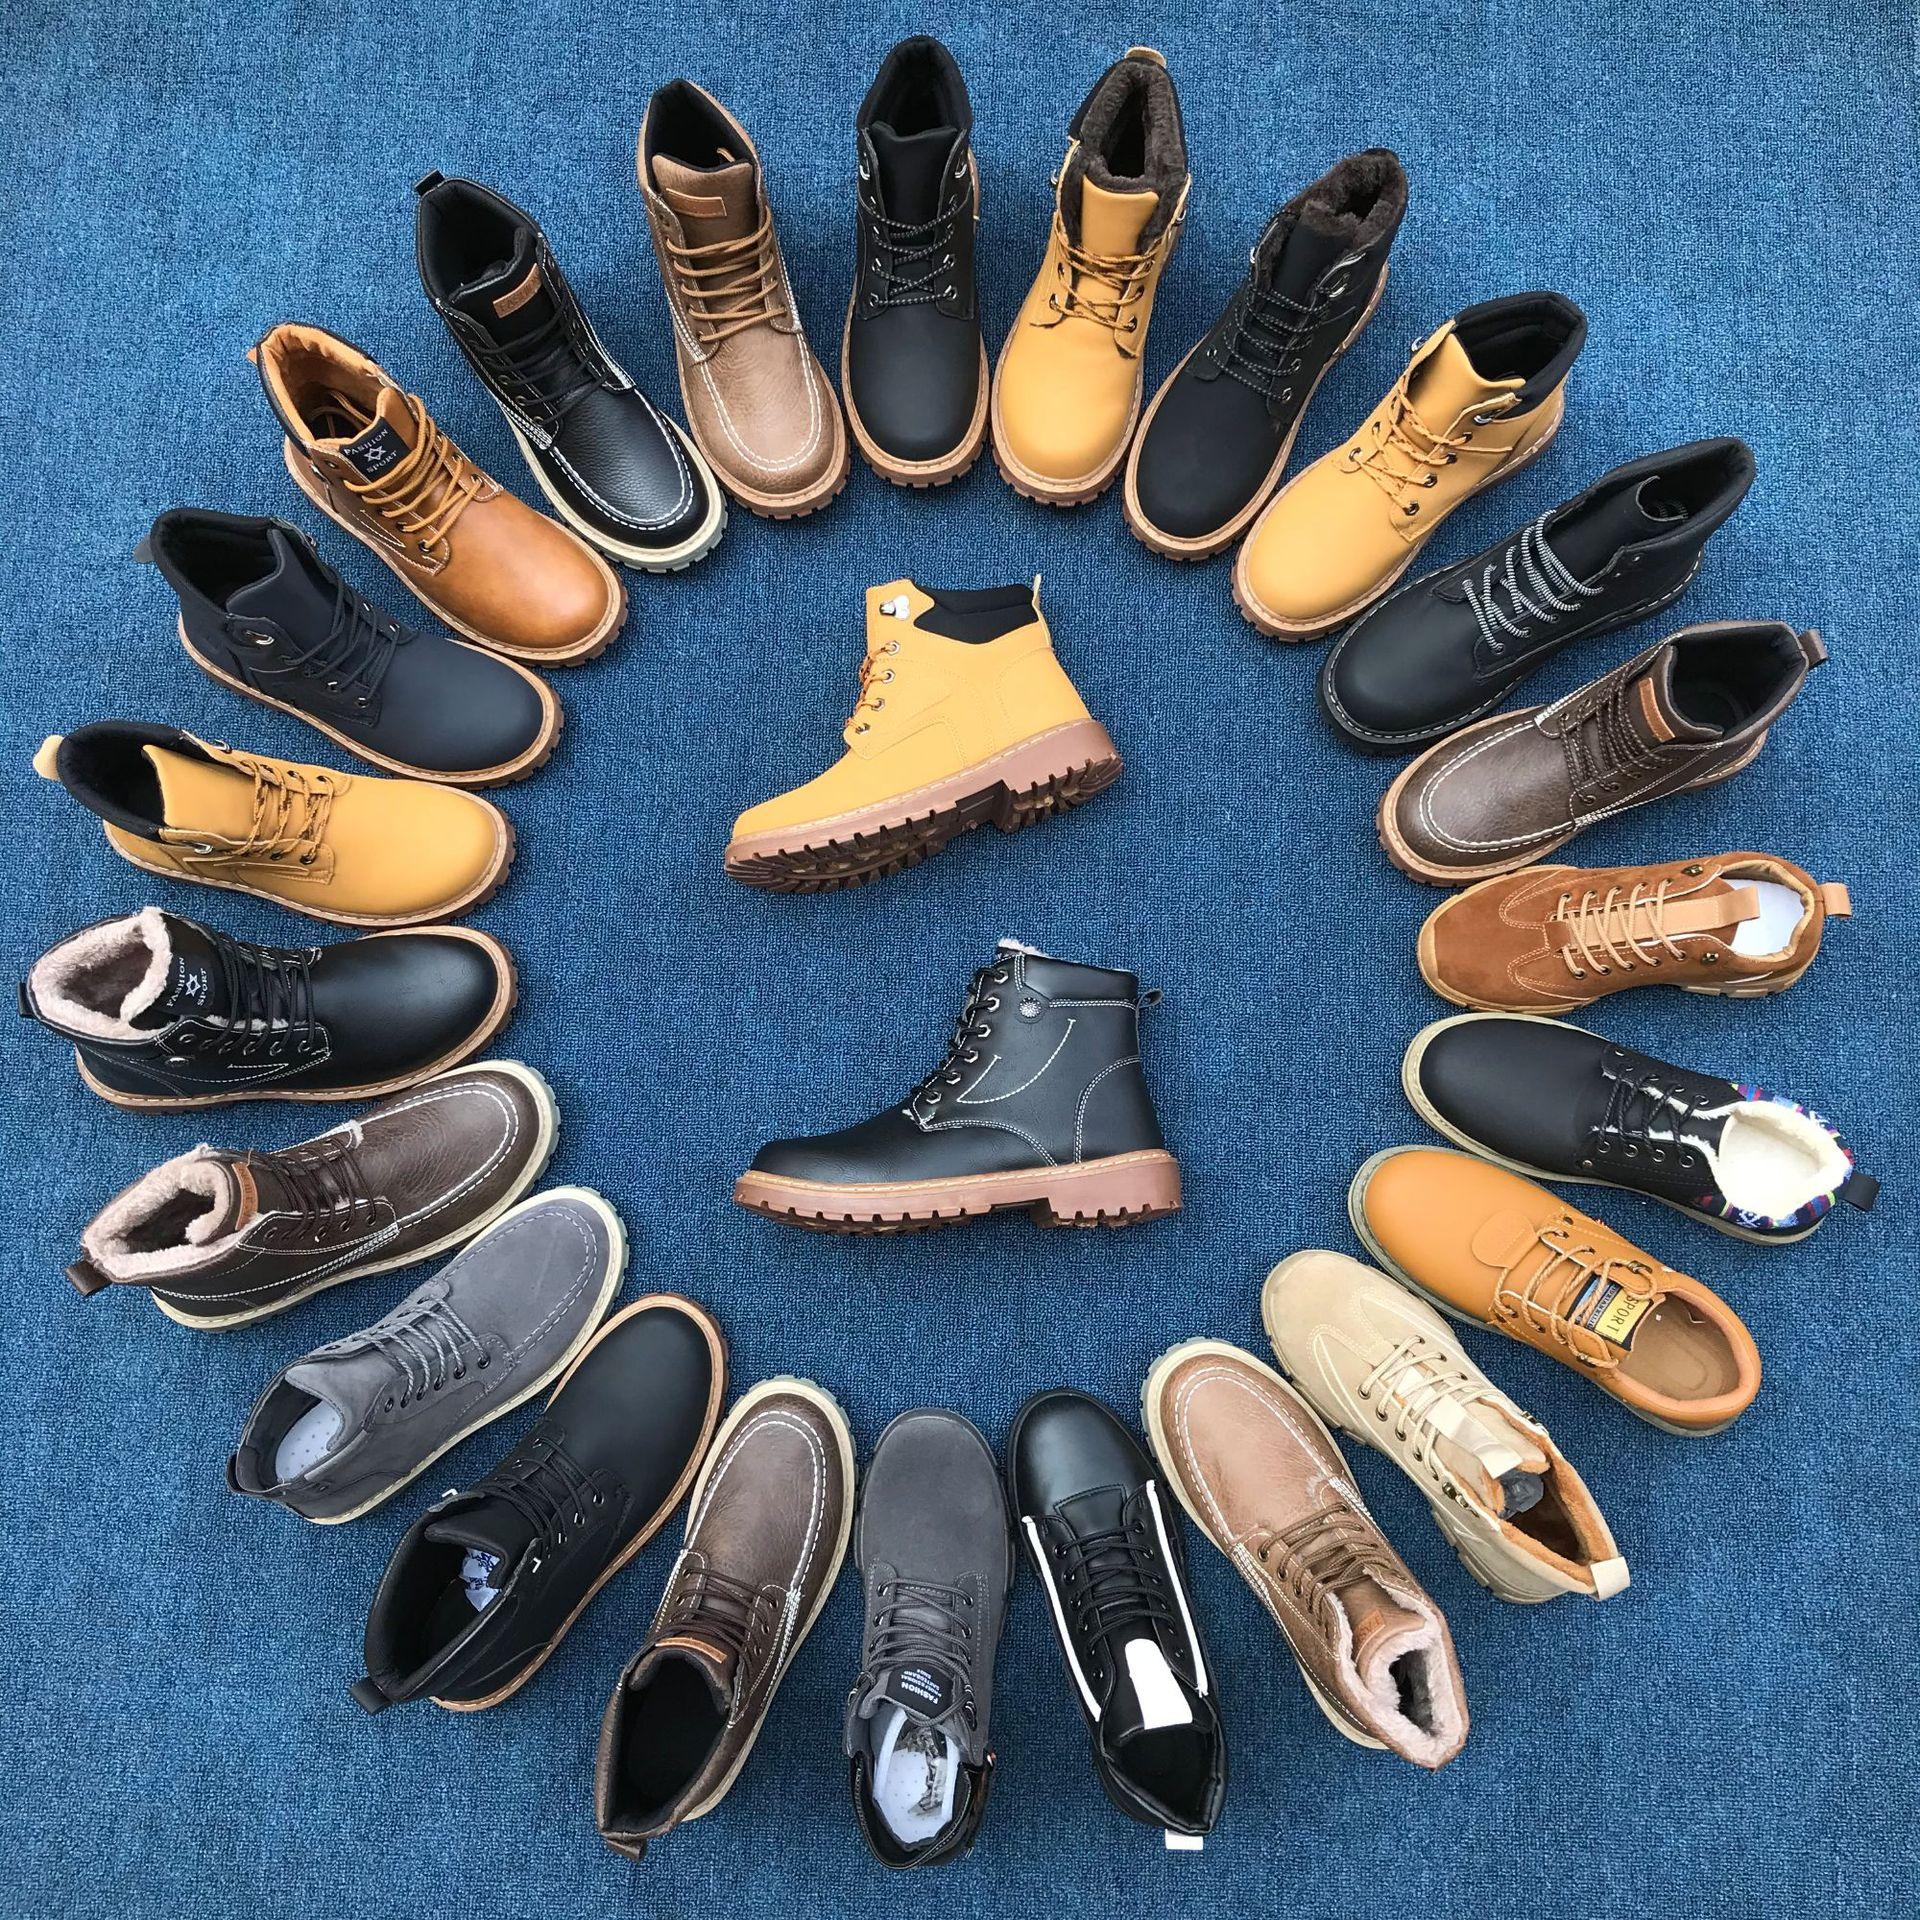 20秋冬马丁靴 中帮马丁男鞋 皮面防水保暖 真上线 加绒男款马丁靴